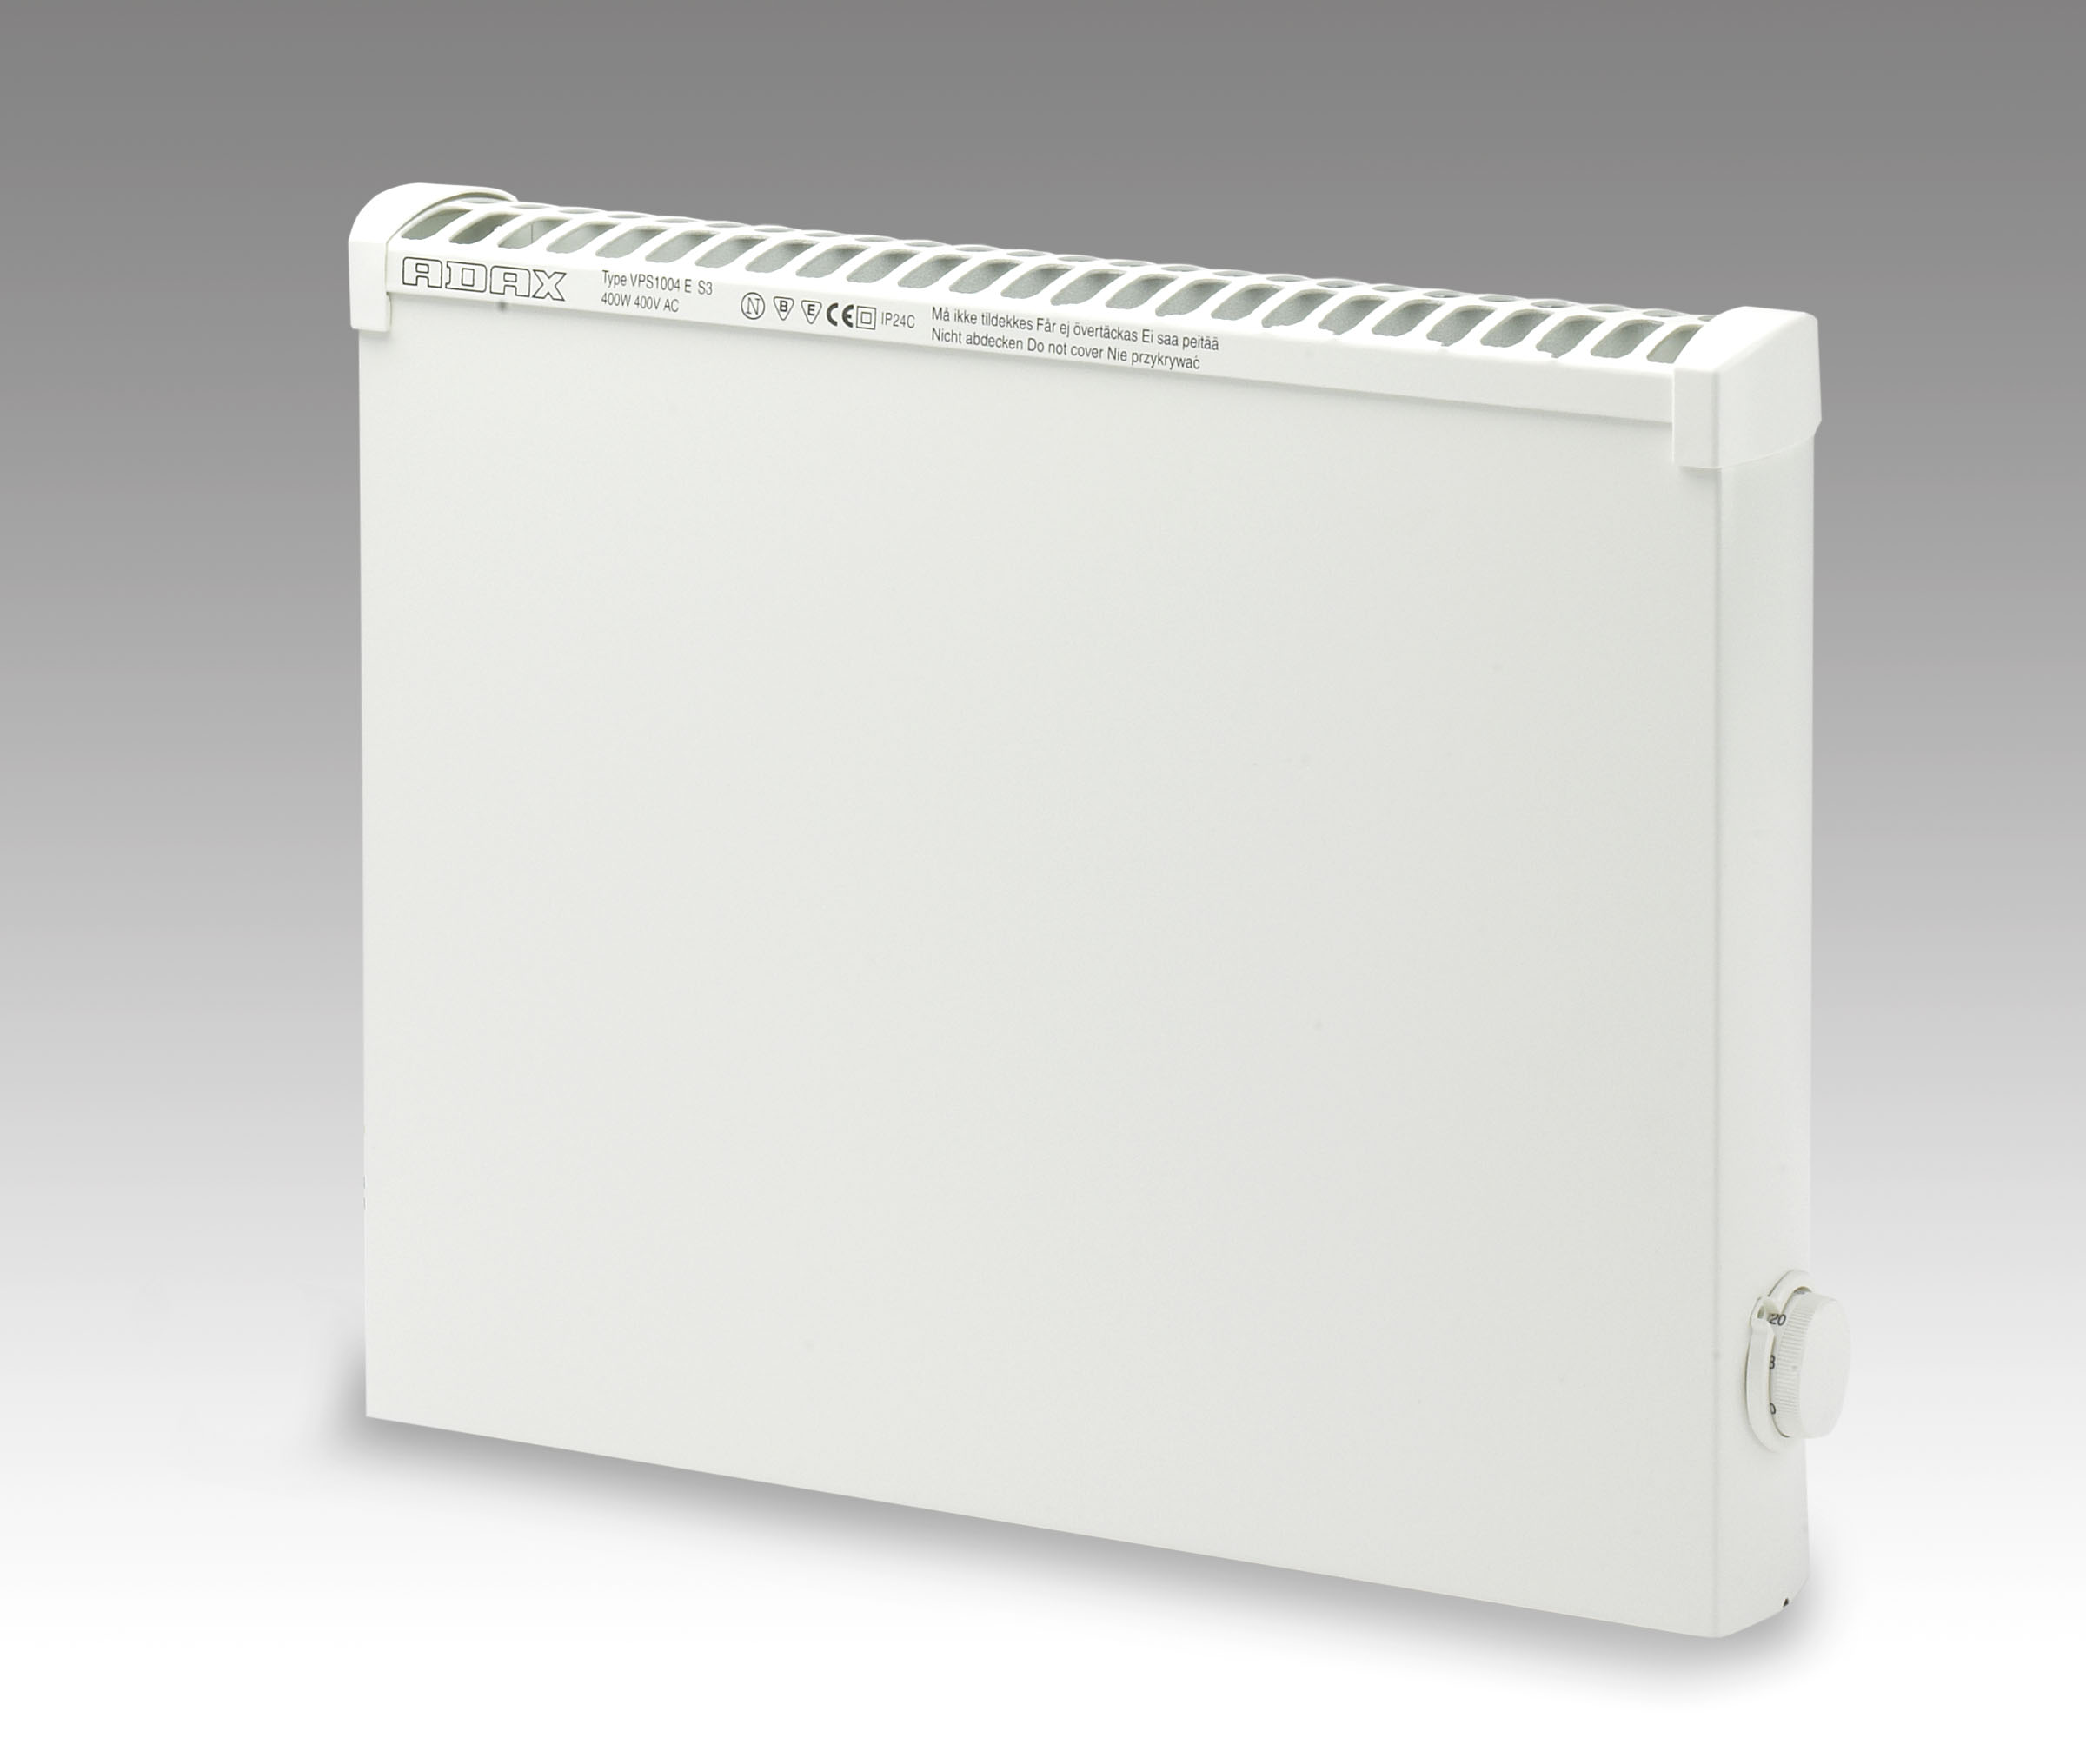 Elektrinis radiatorius ADAX VPS 1004 KEM